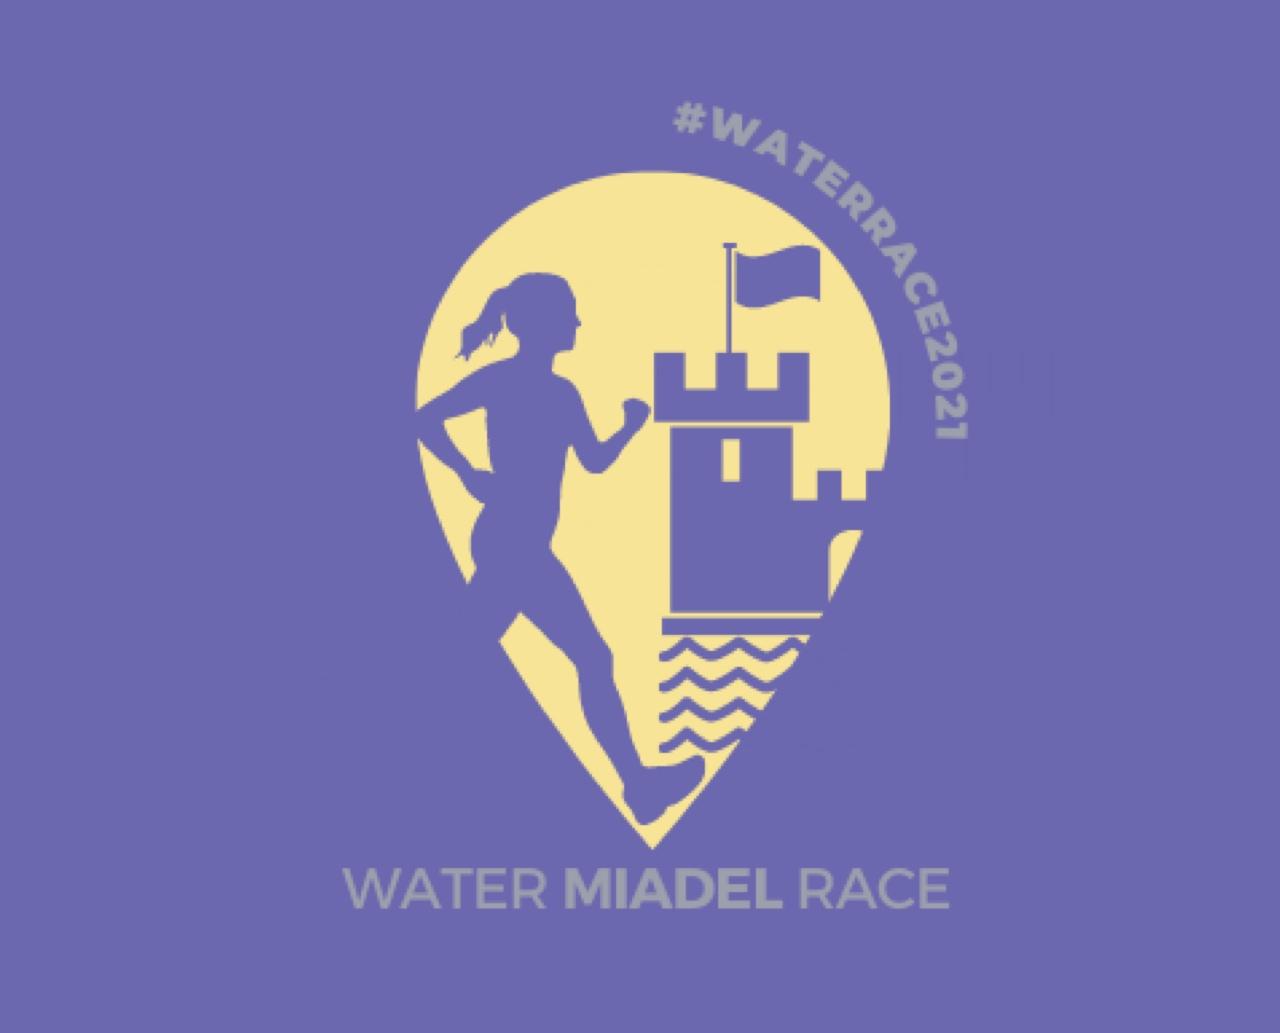 Water Race Мядель